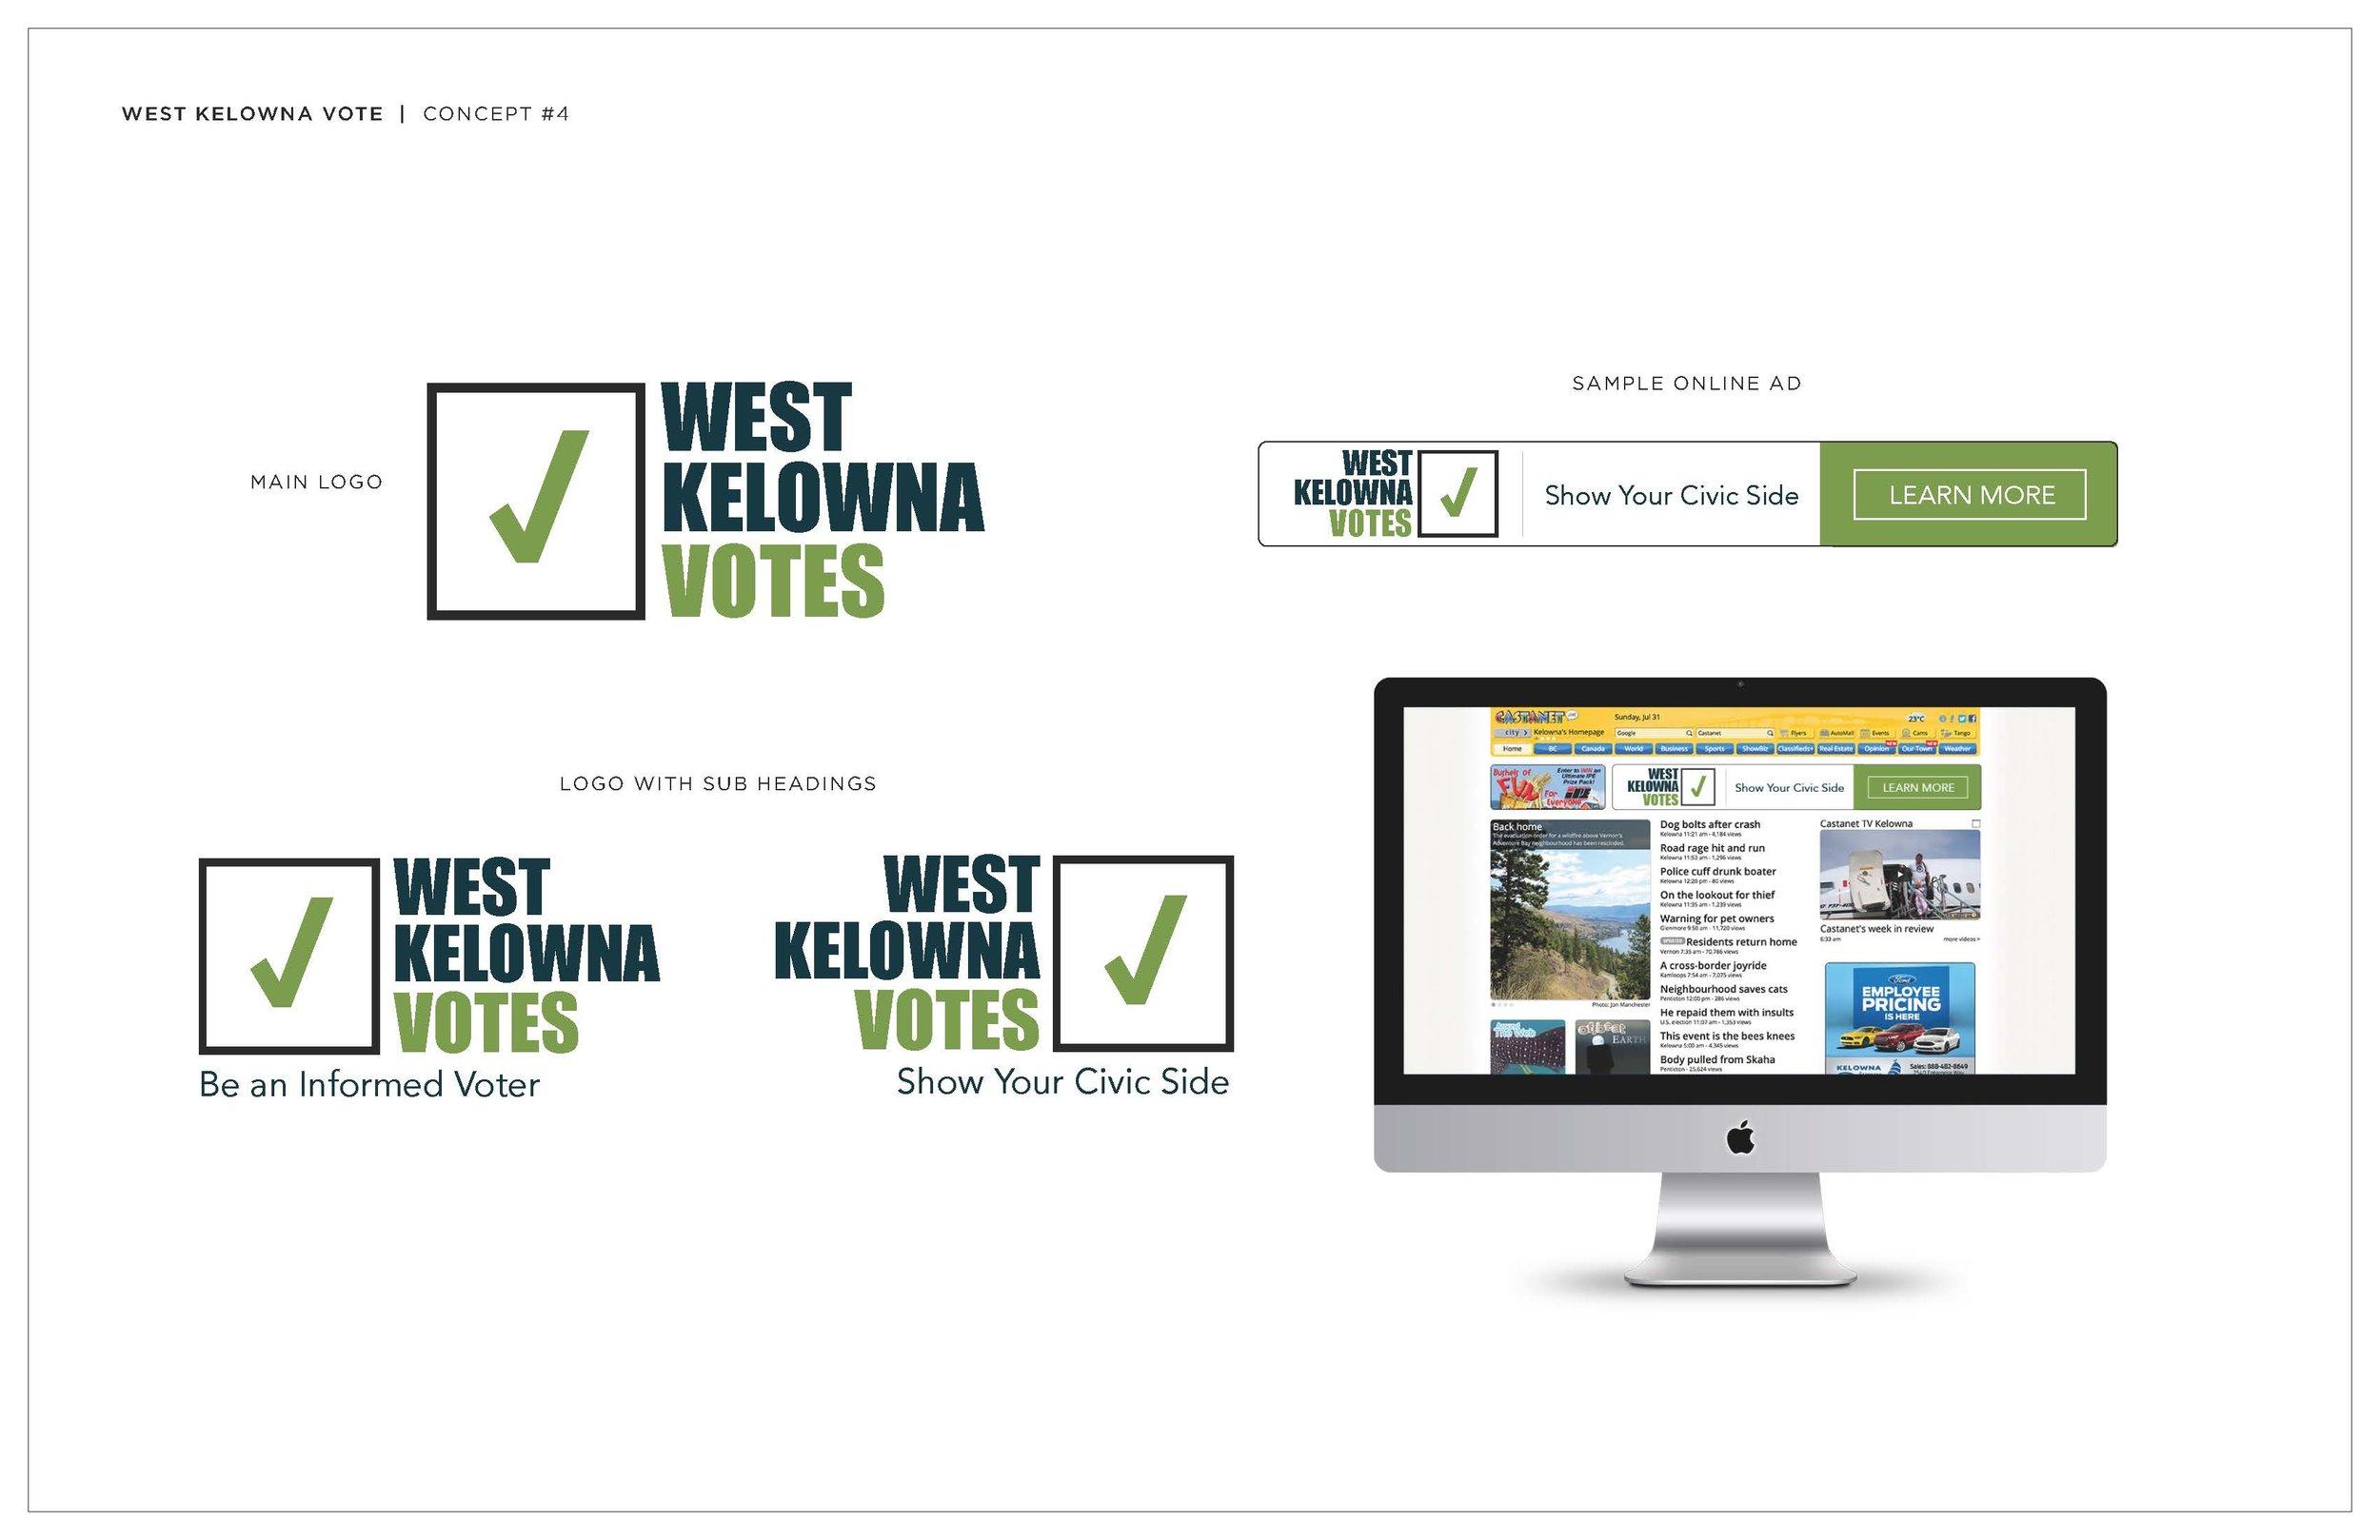 WKV_Concepts_v02_Page_4.jpg